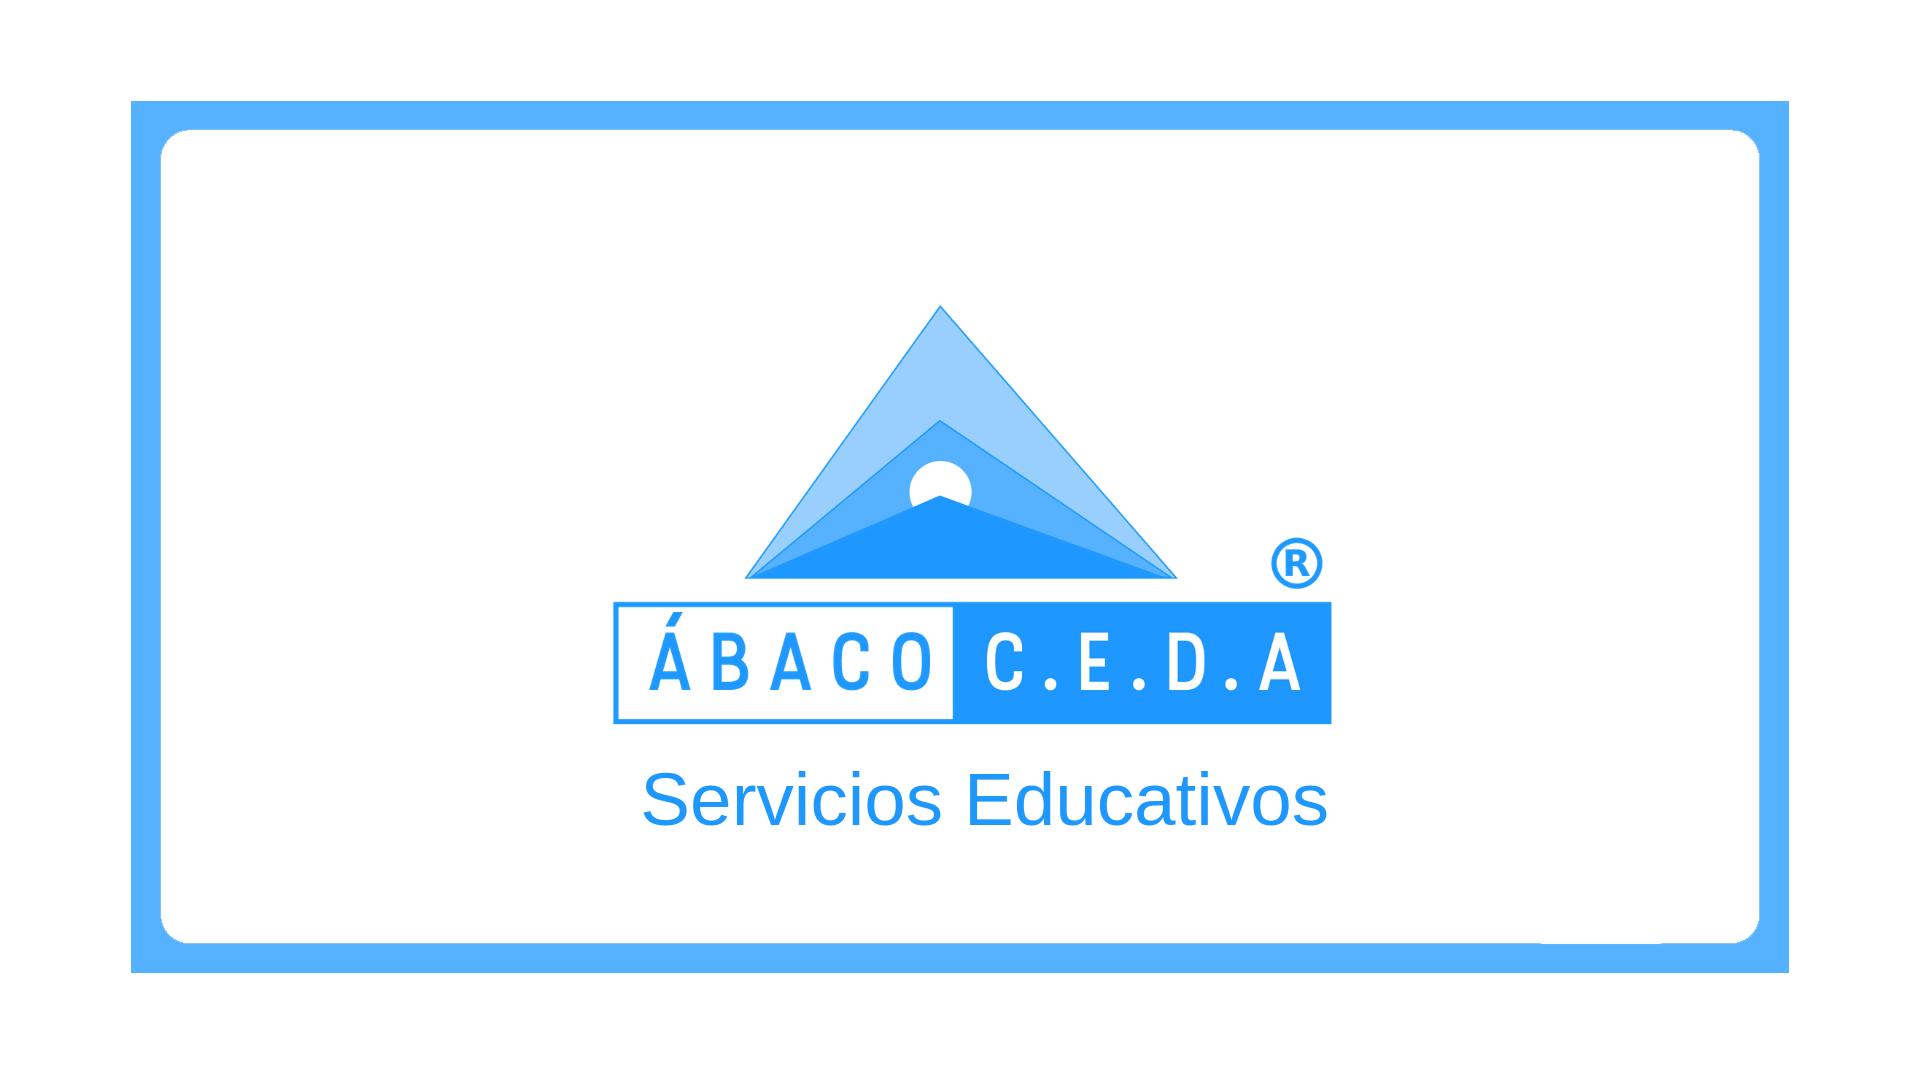 Ábaco Ceda Servicios Educativos Córdoba